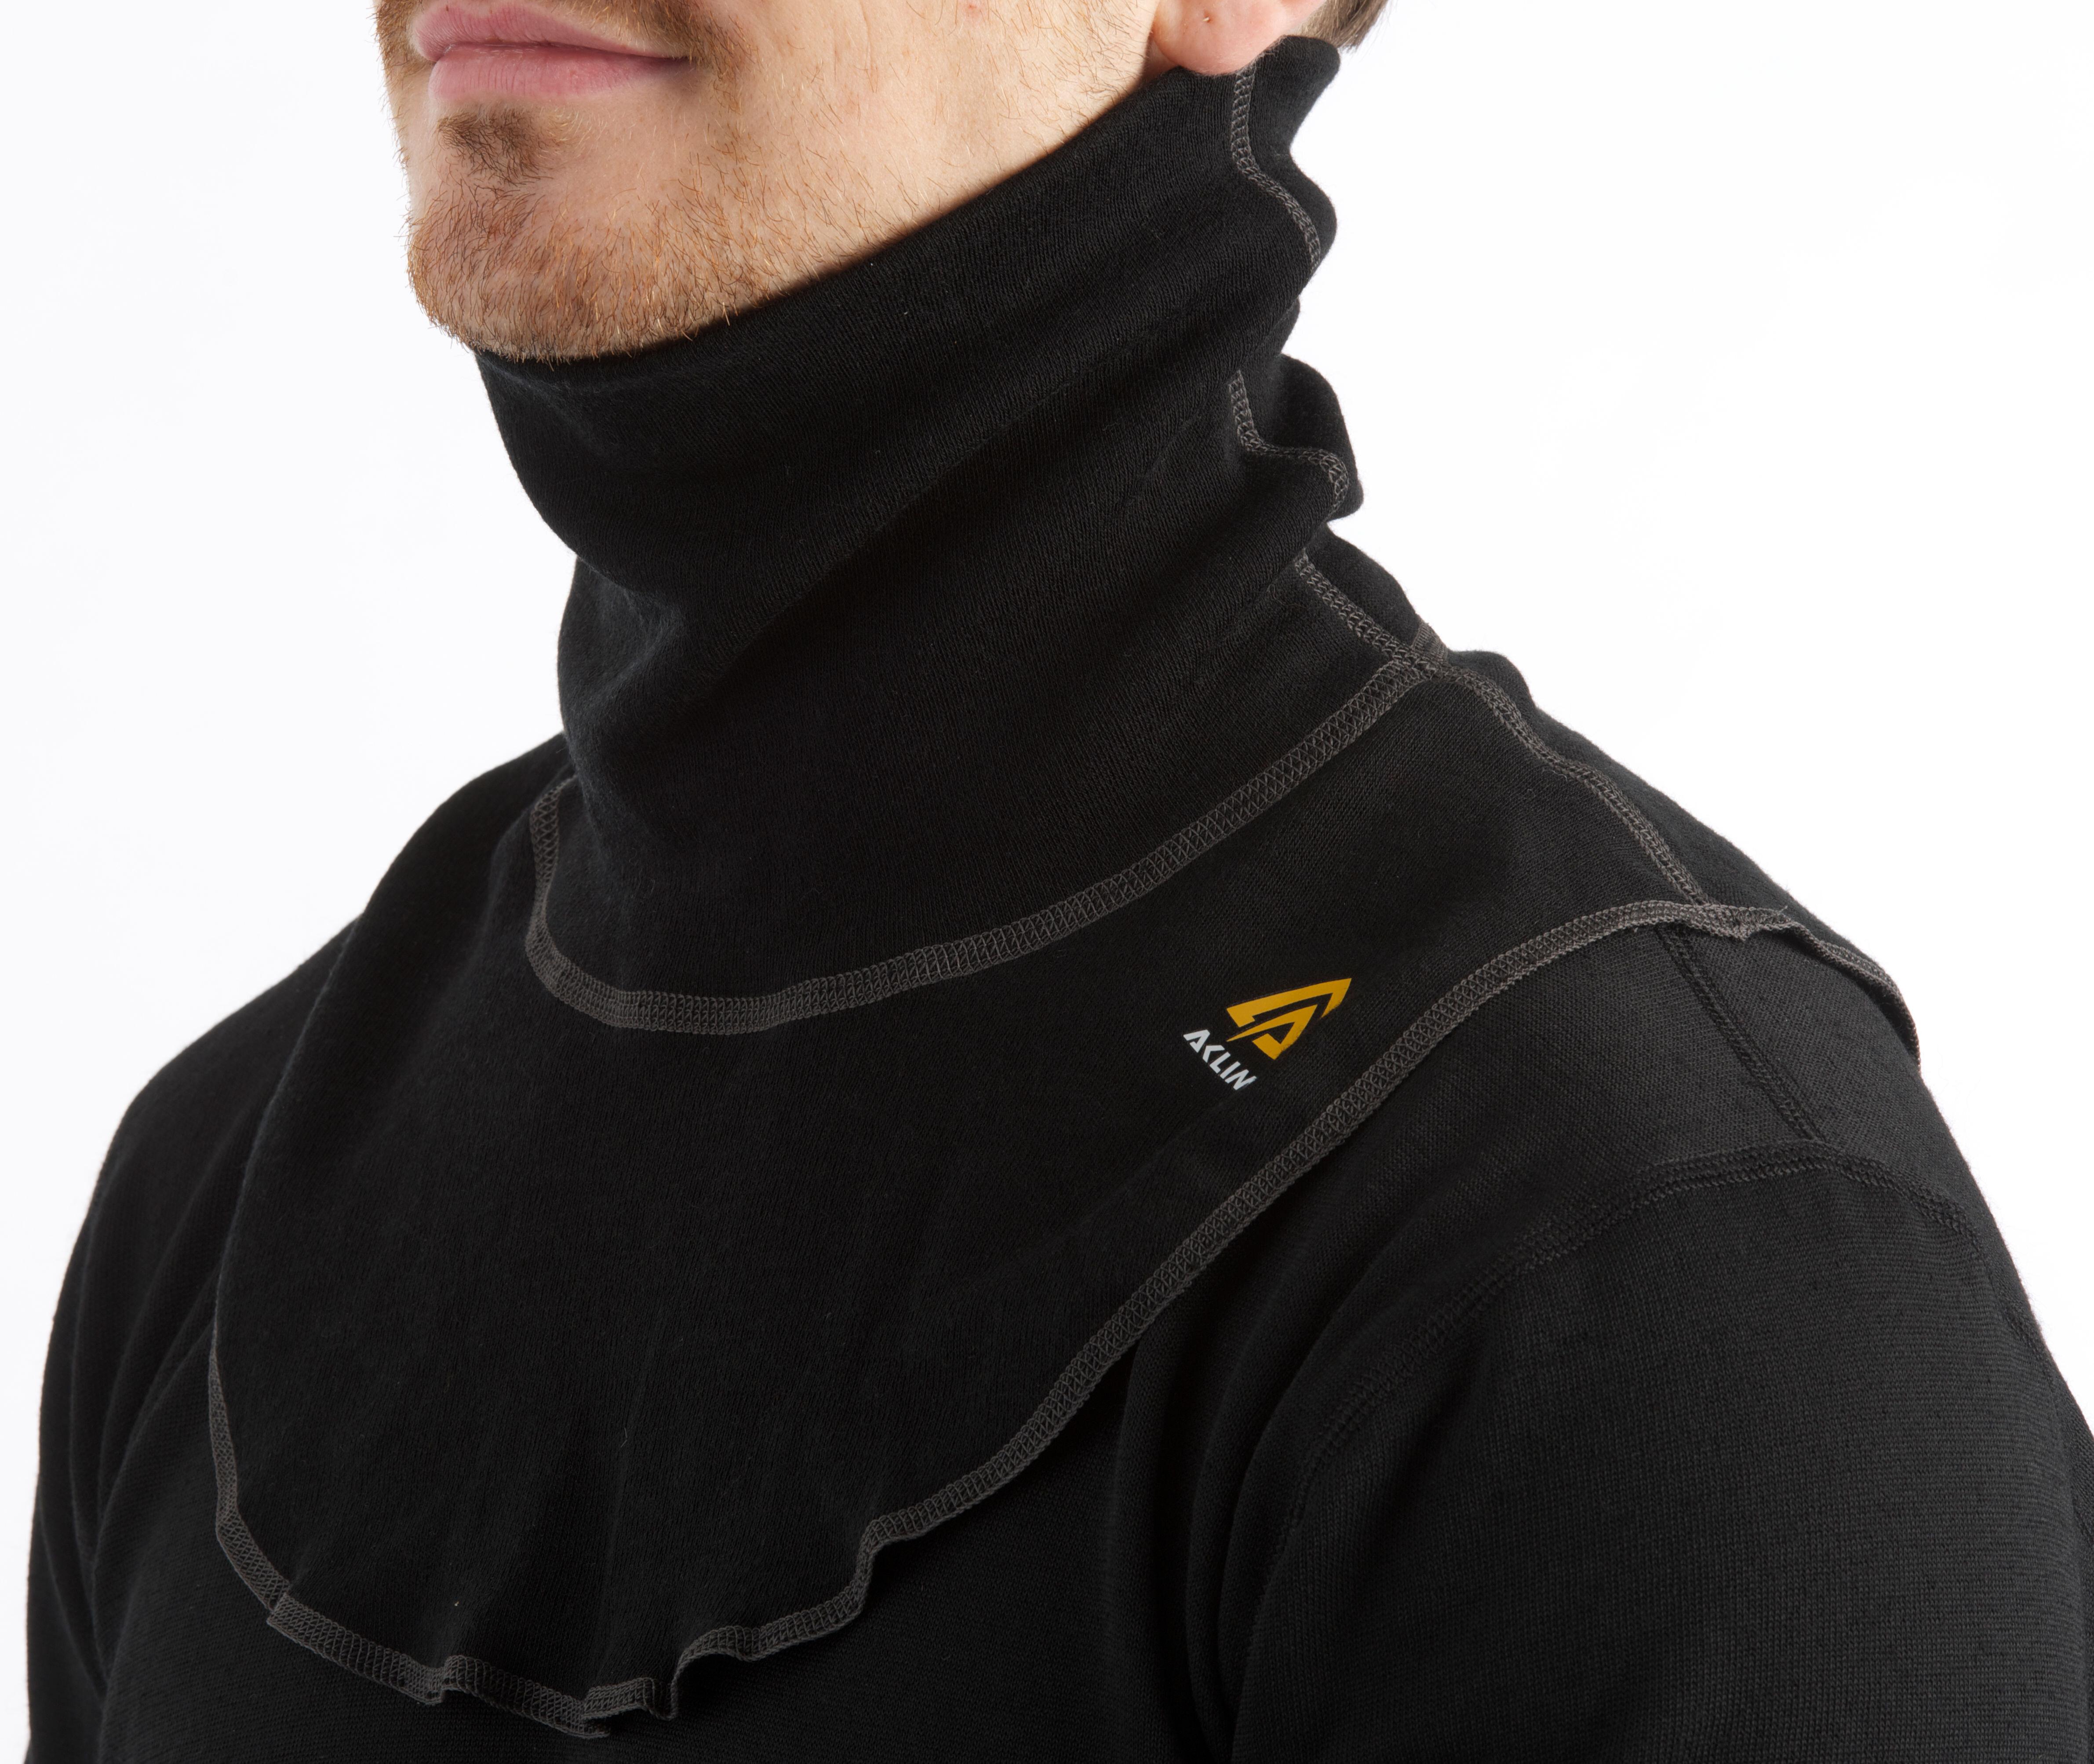 ed886c756033 Aclima WarmWool - Foulard - noir sur CAMPZ !